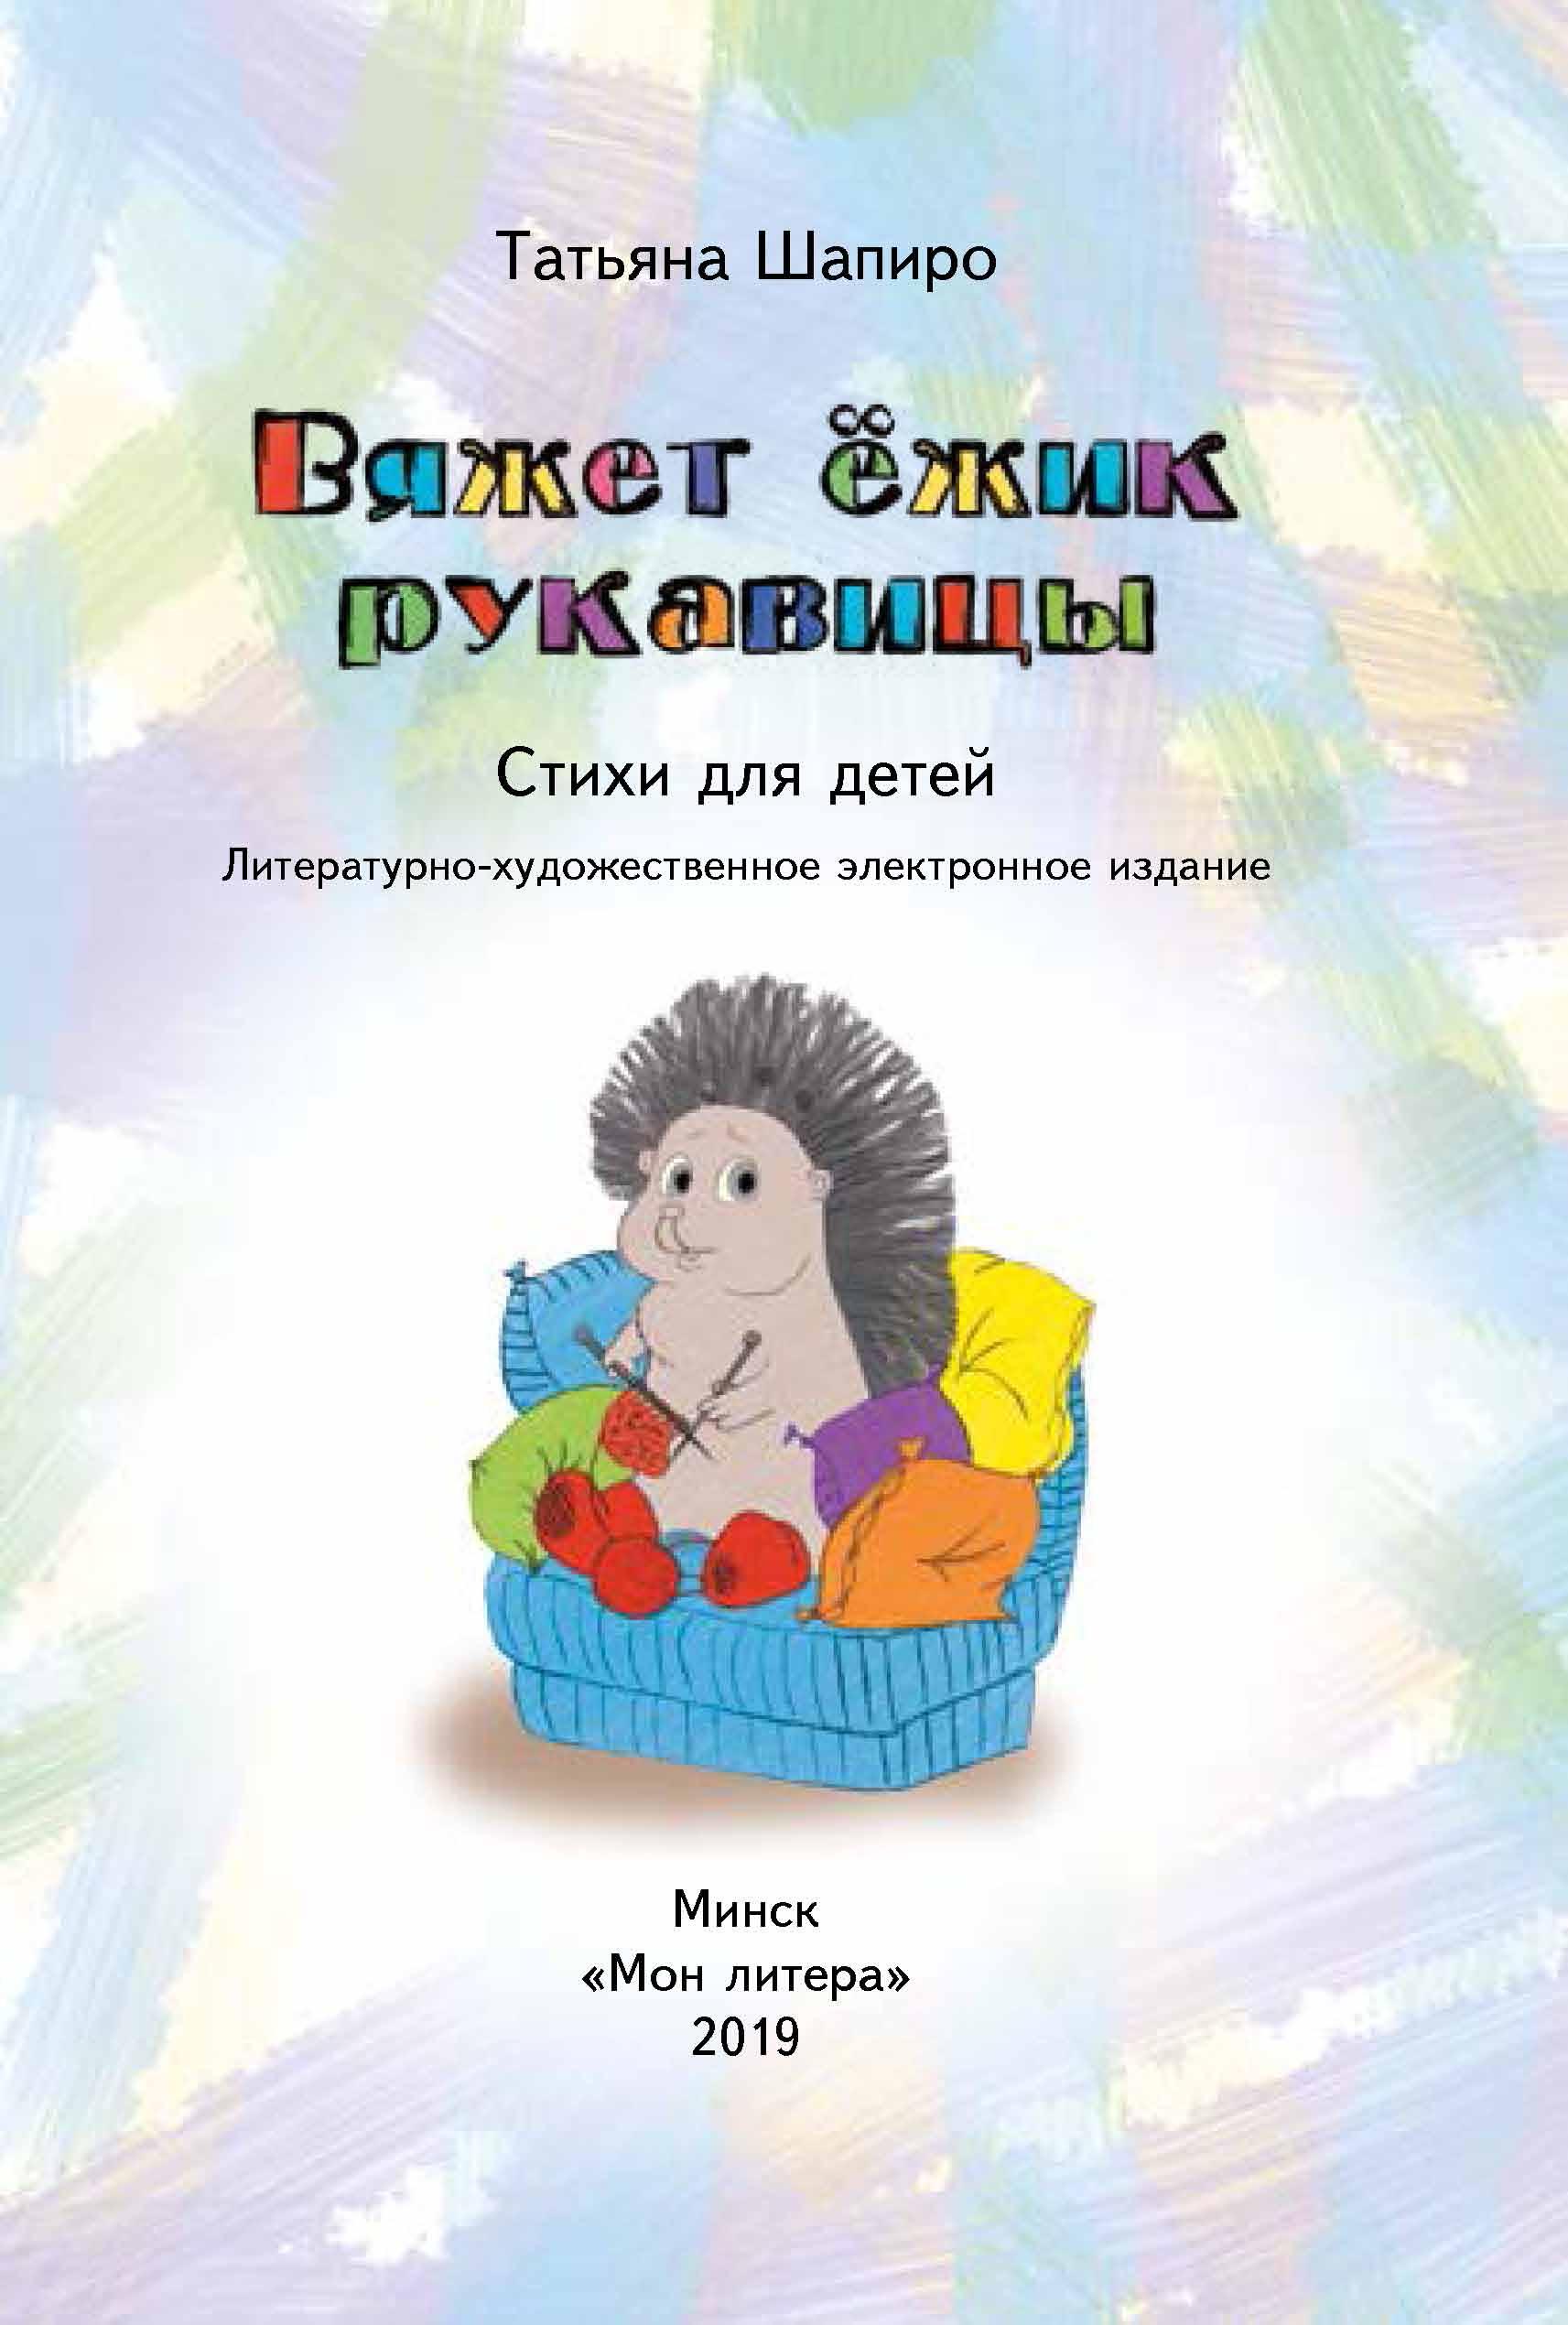 Купить книгу Вяжет ёжик рукавицы, автора Татьяны Шапиро